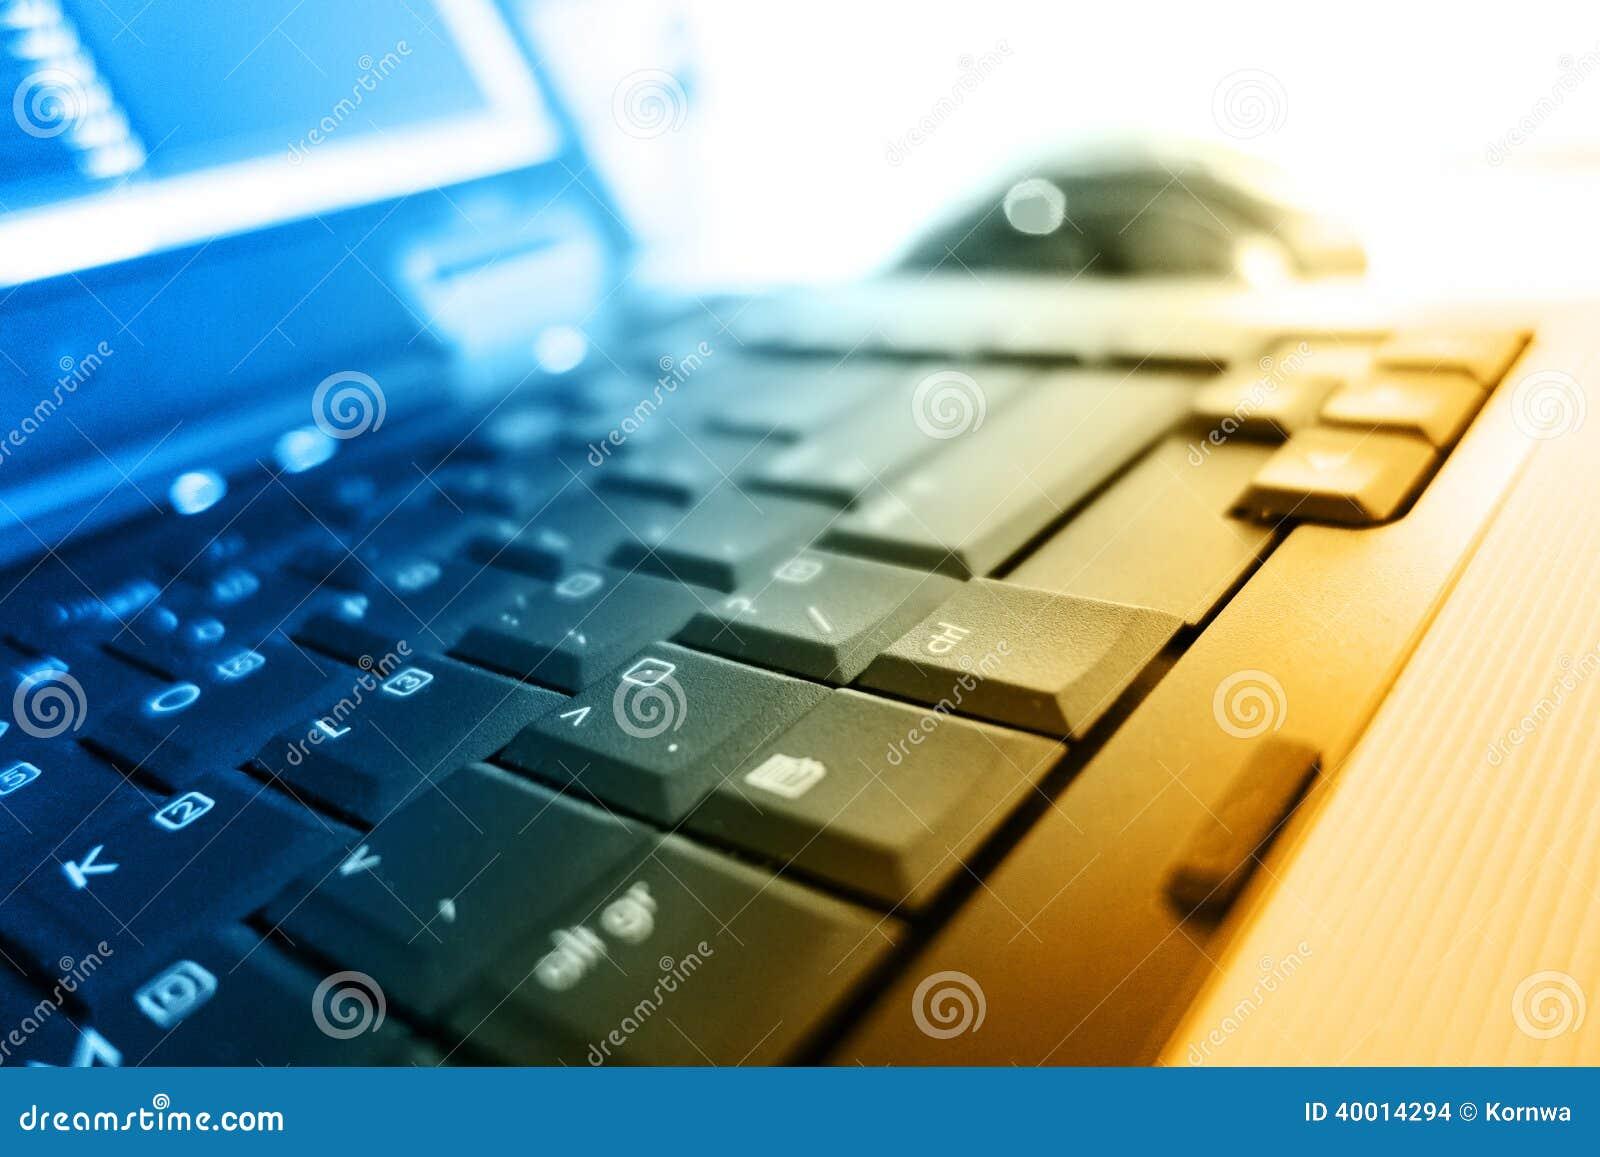 Notatnik klawiatura w ciepłych kolorach